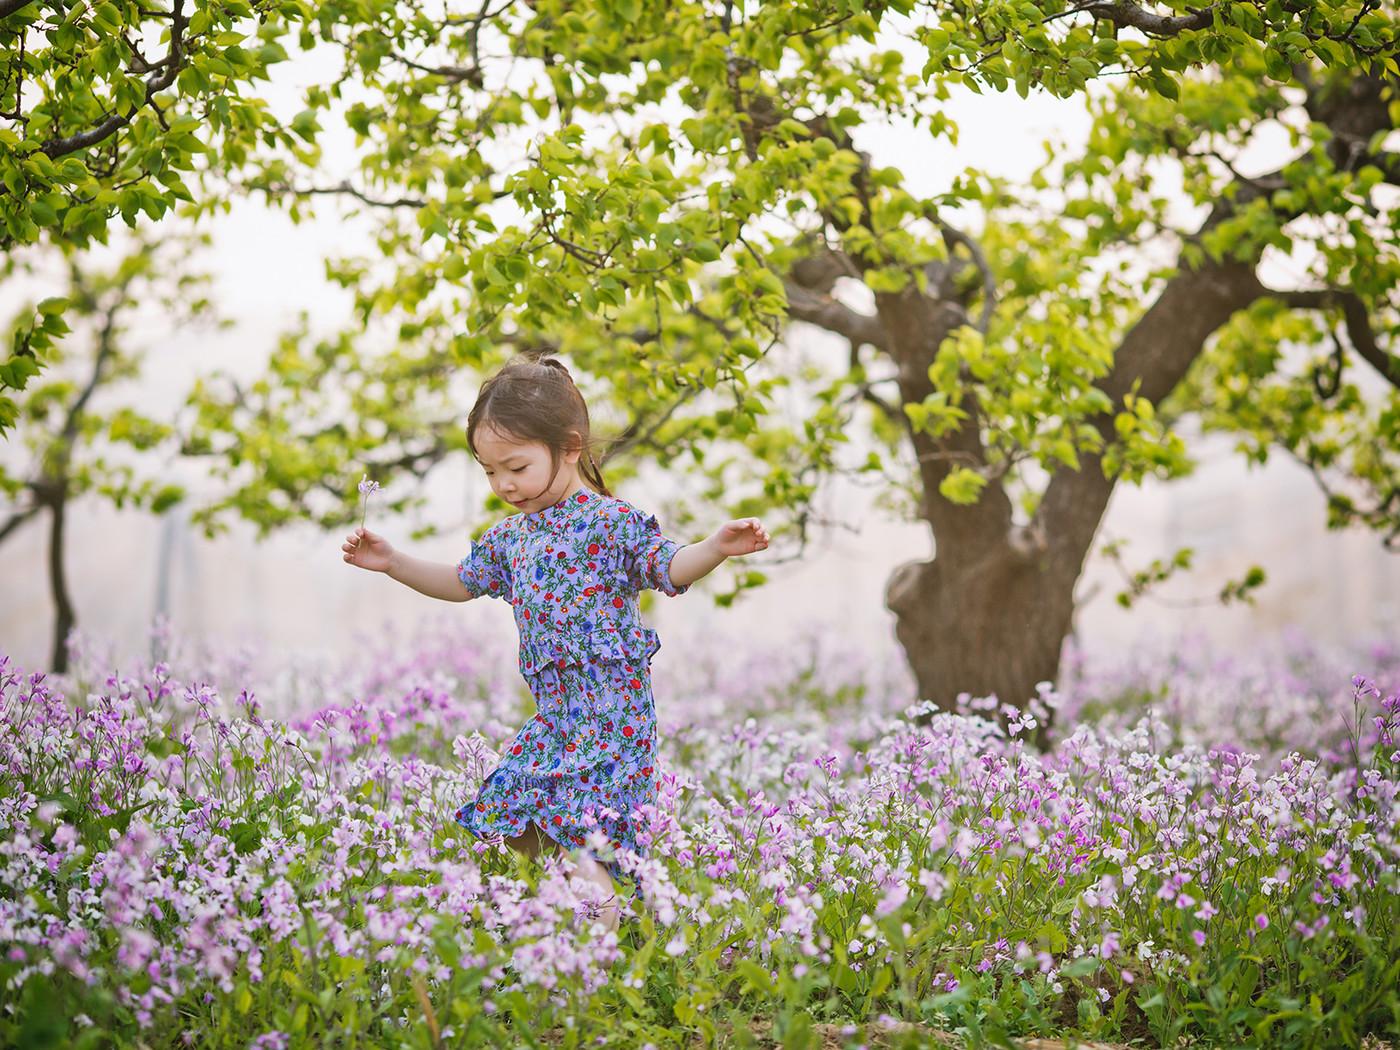 春天在哪里?3